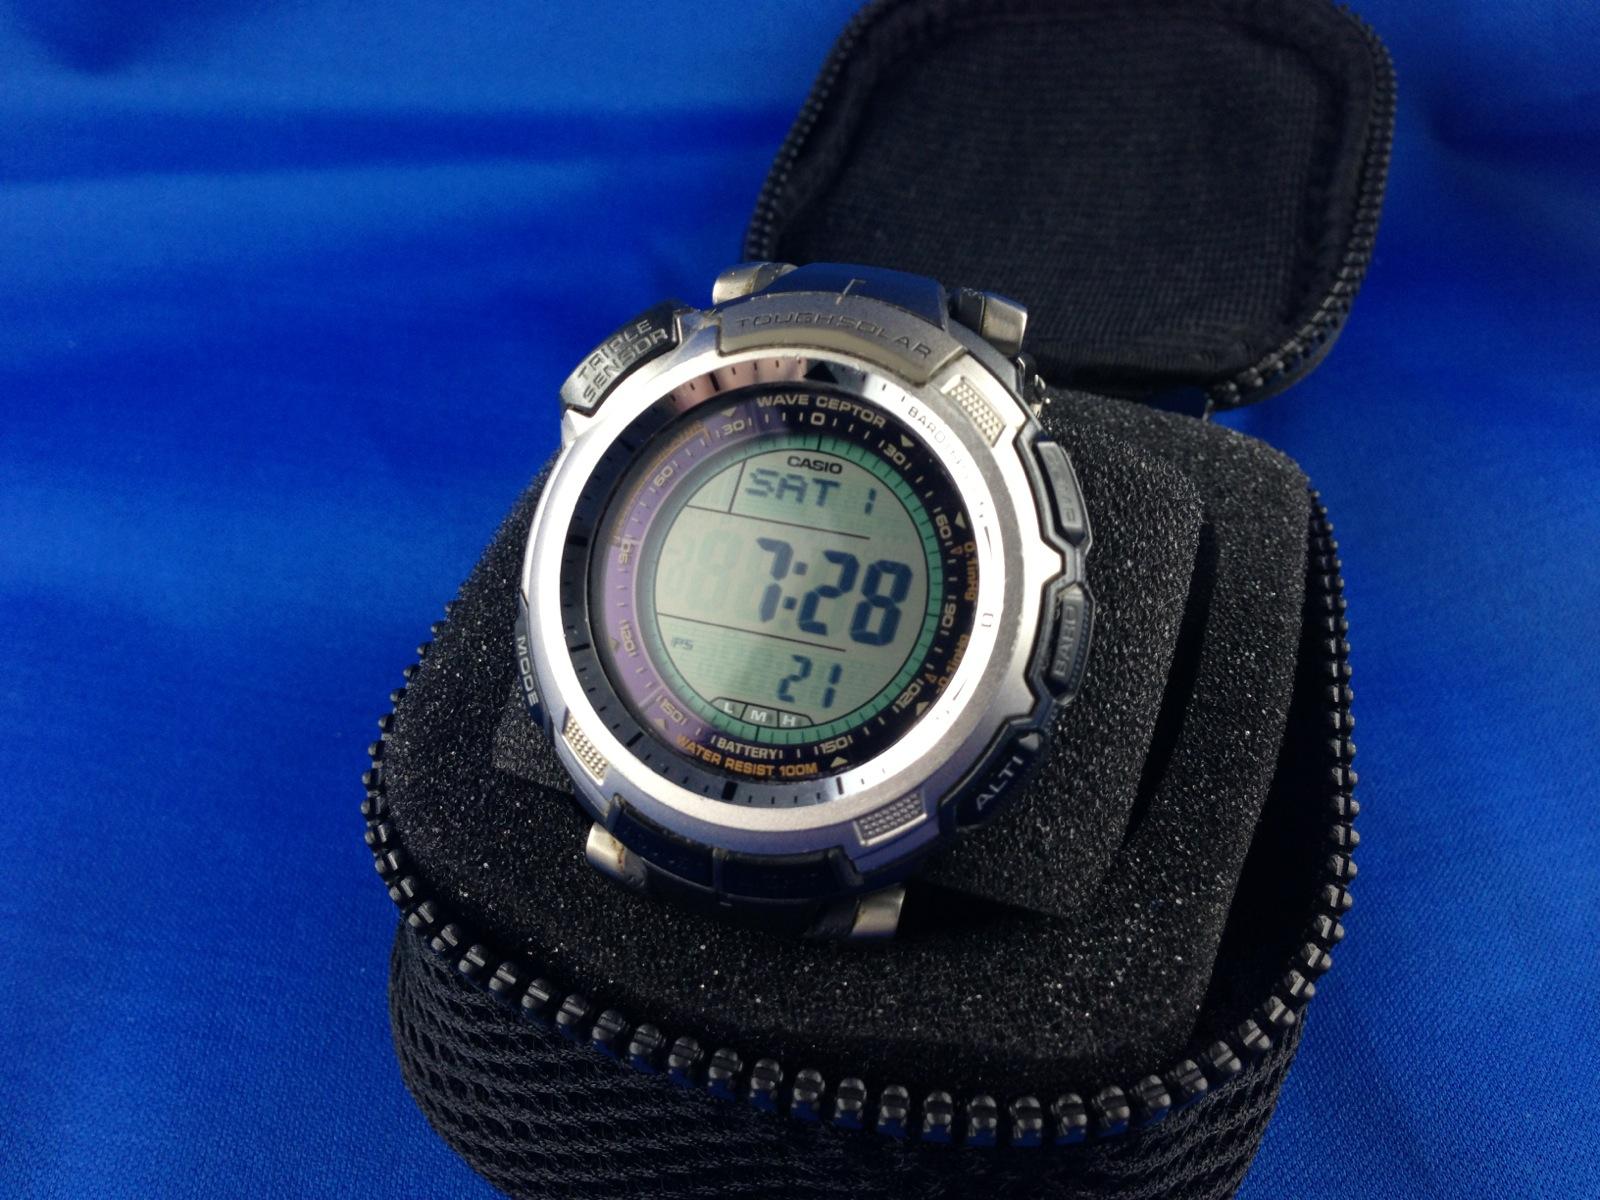 Erledigt Casio Pro Trek Prw 1300t 7ver Protrek Prg 280 2 Original Img 0230